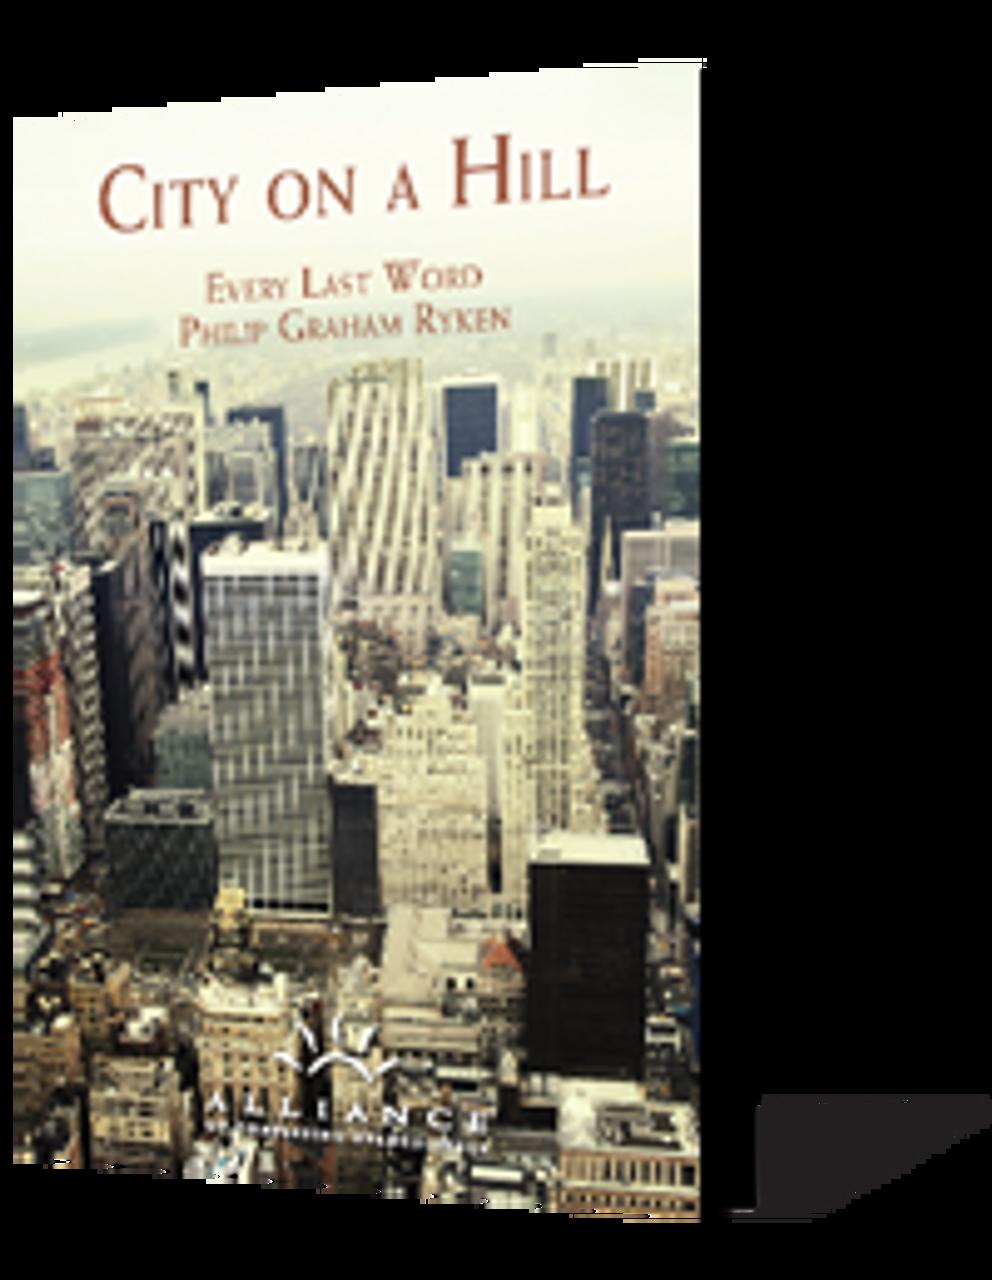 City on a Hill (CD Set)